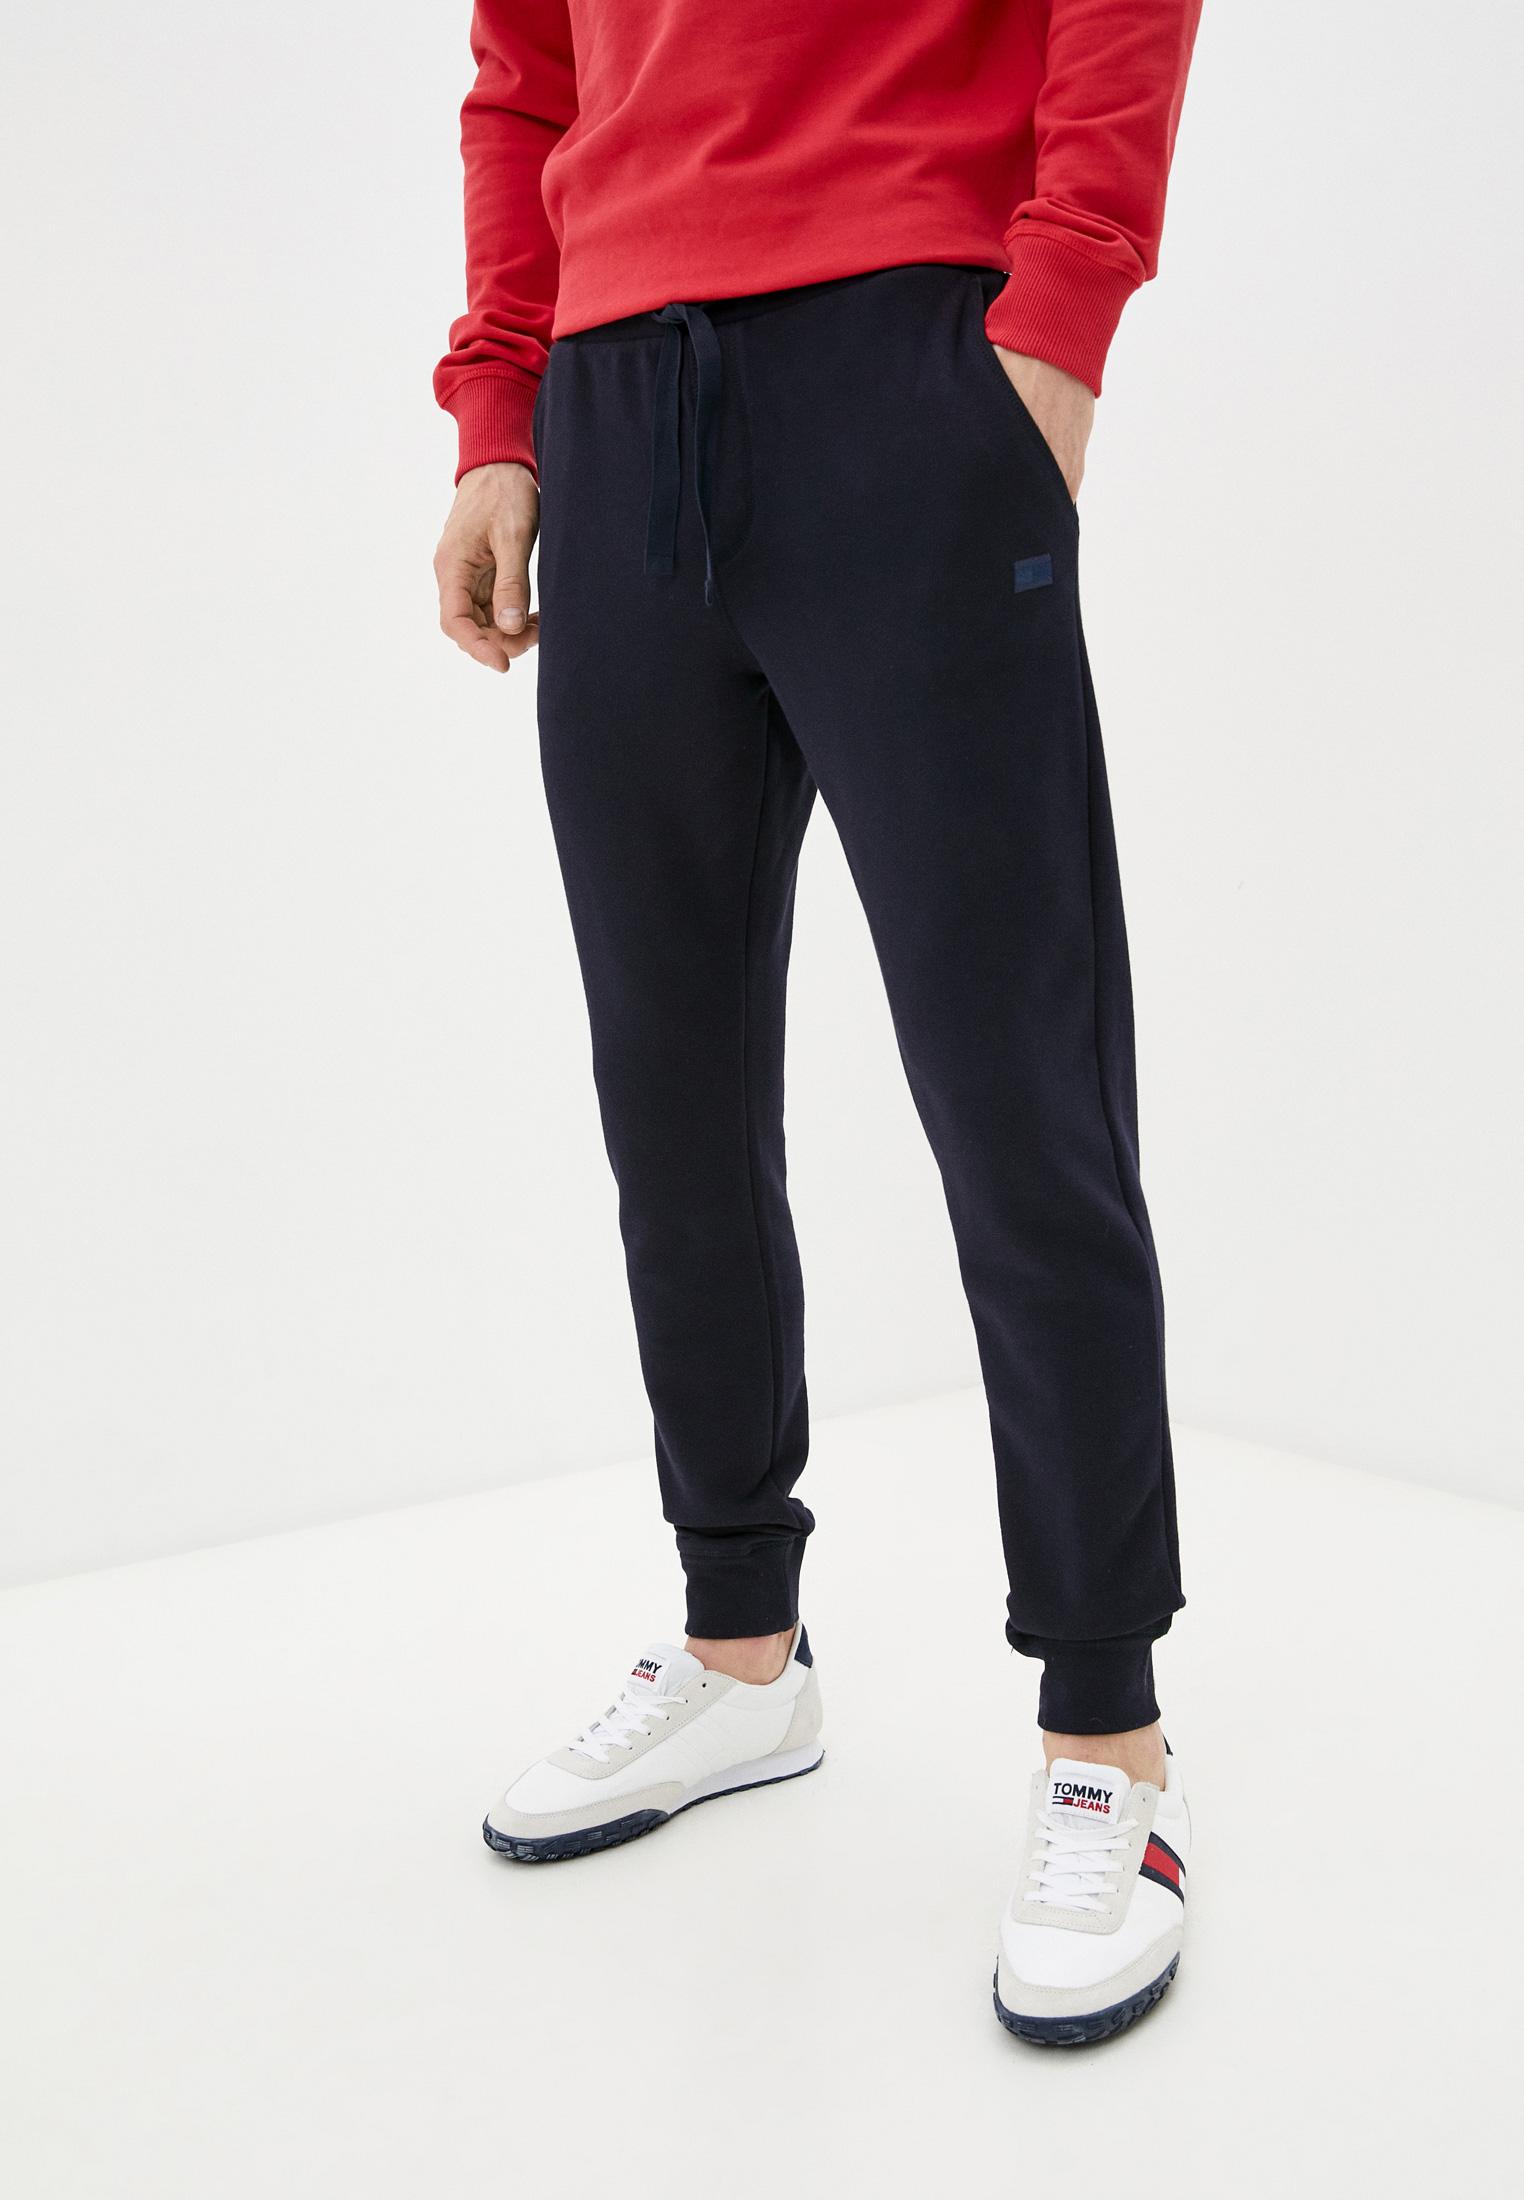 Мужские спортивные брюки Tommy Hilfiger (Томми Хилфигер) MW0MW16735: изображение 1